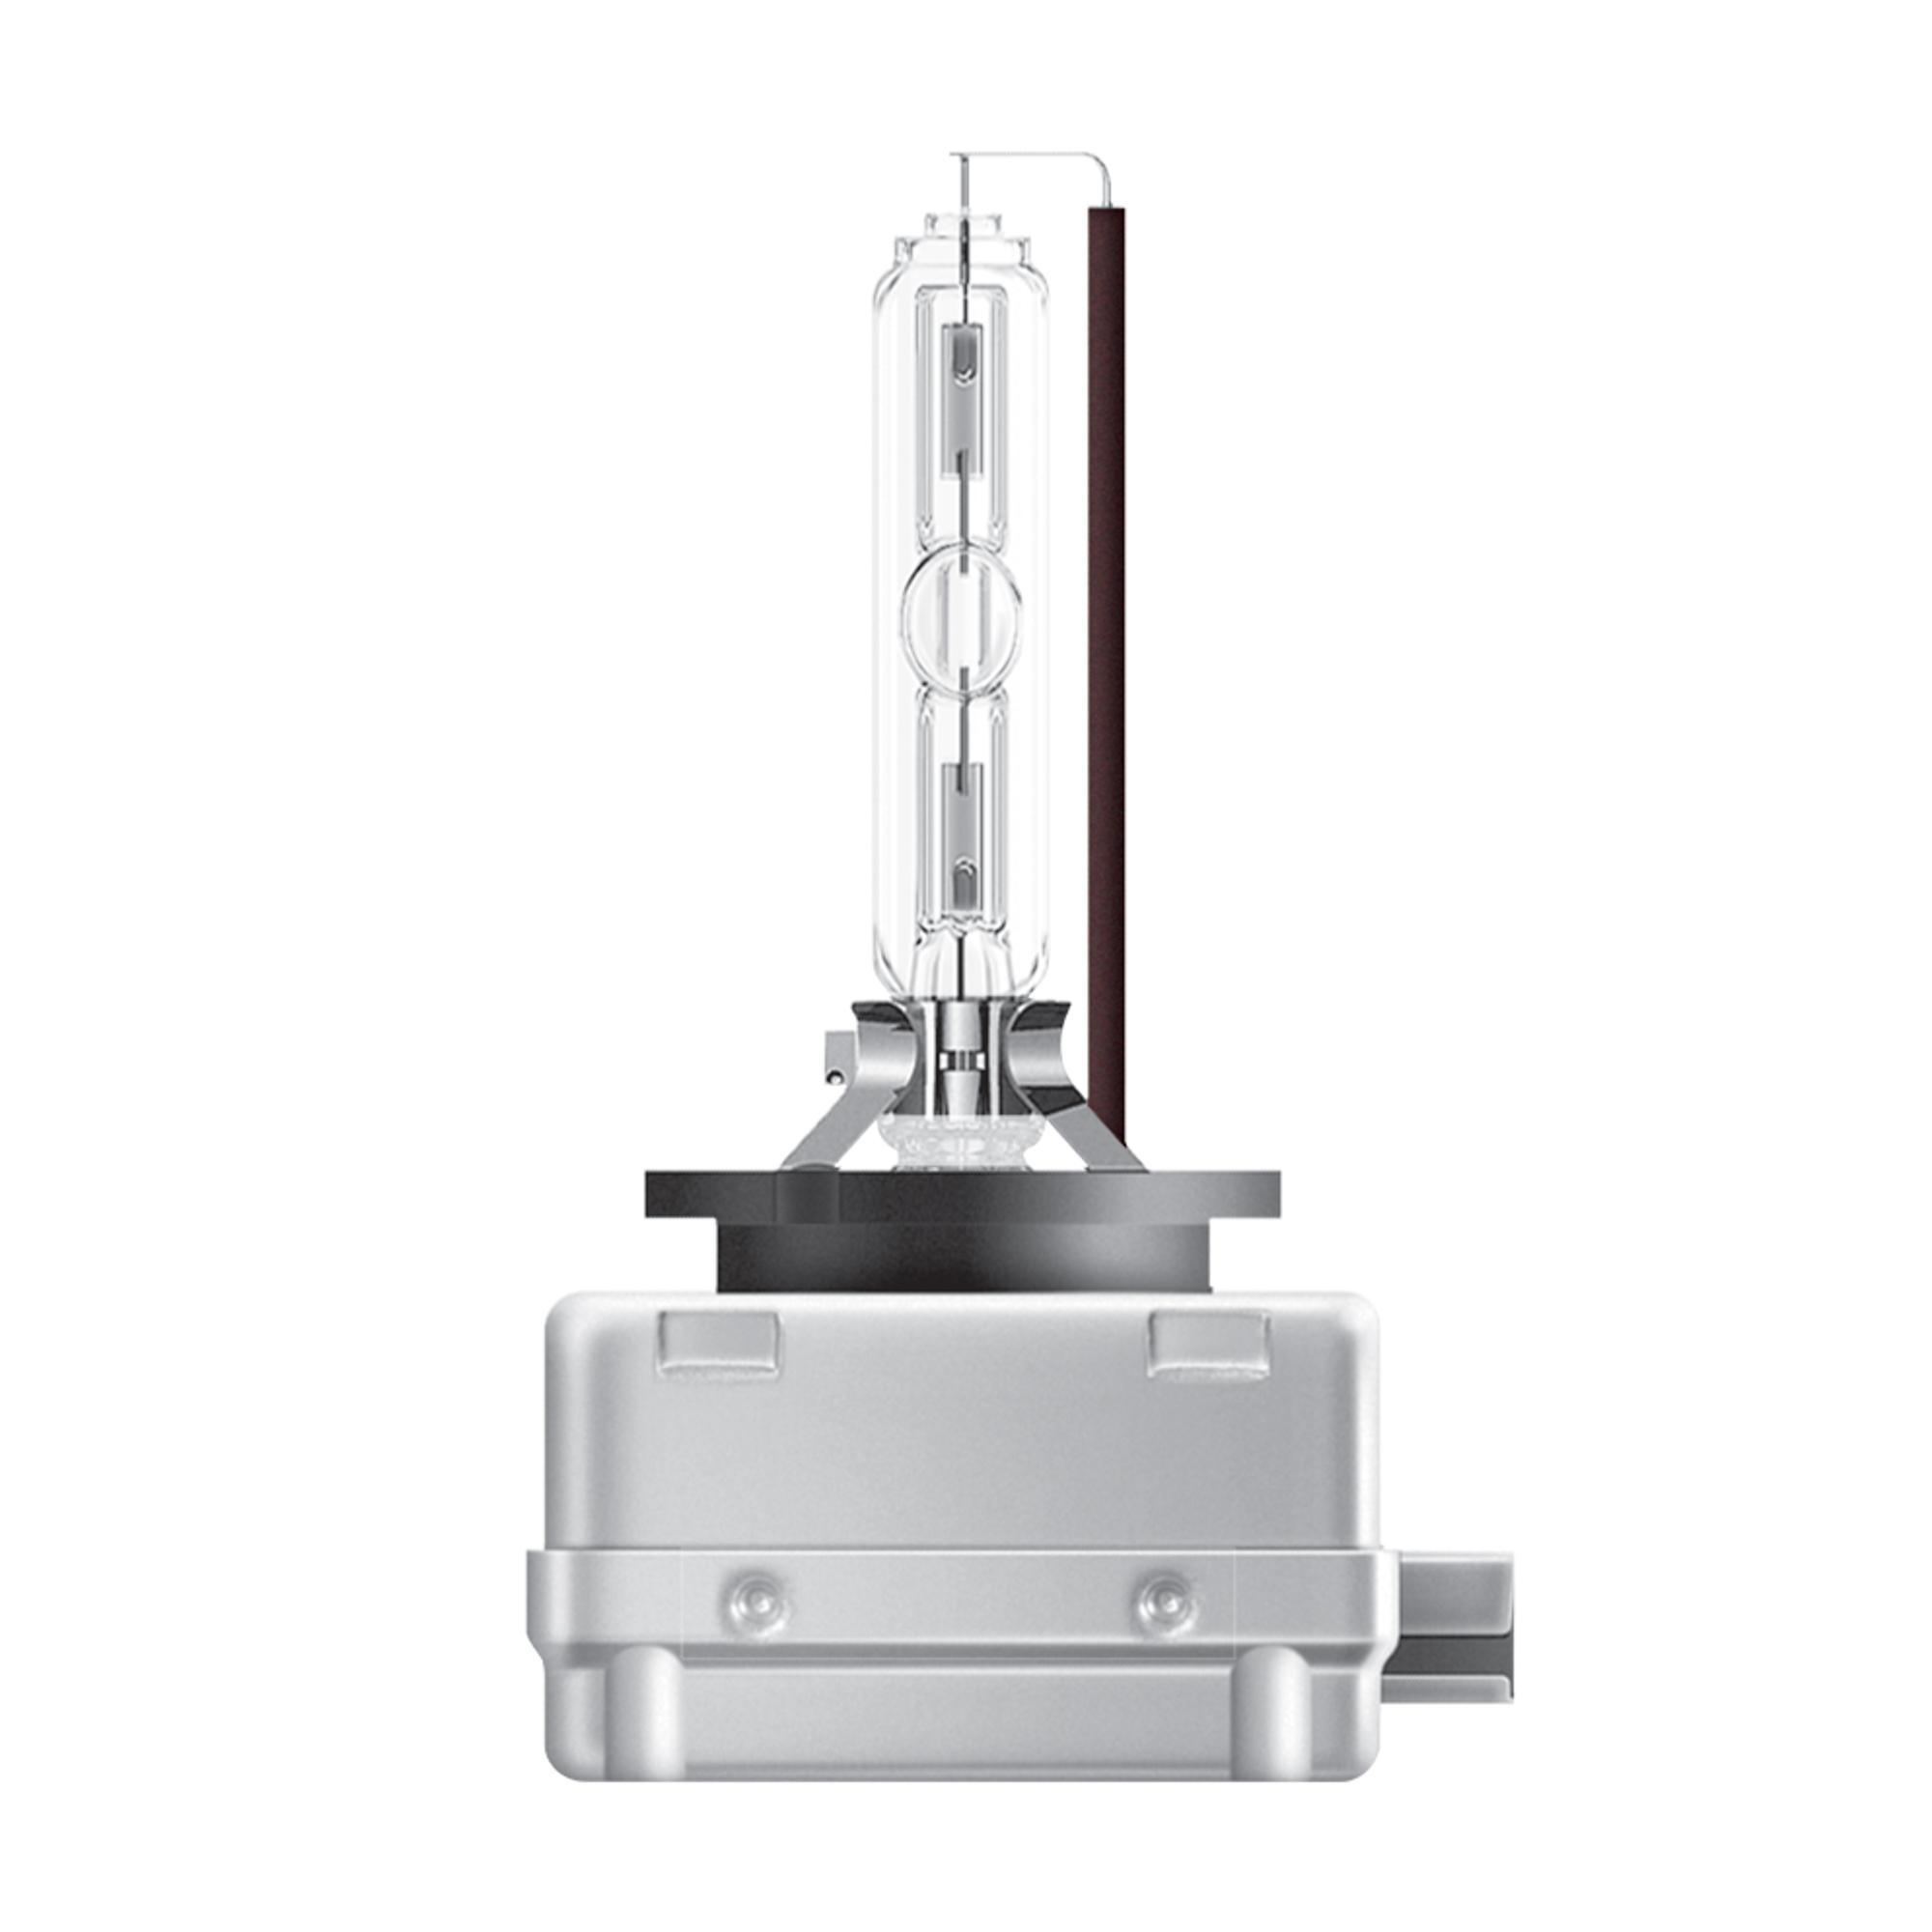 Żarówka, reflektor dalekosiężny OSRAM 66140 oceny